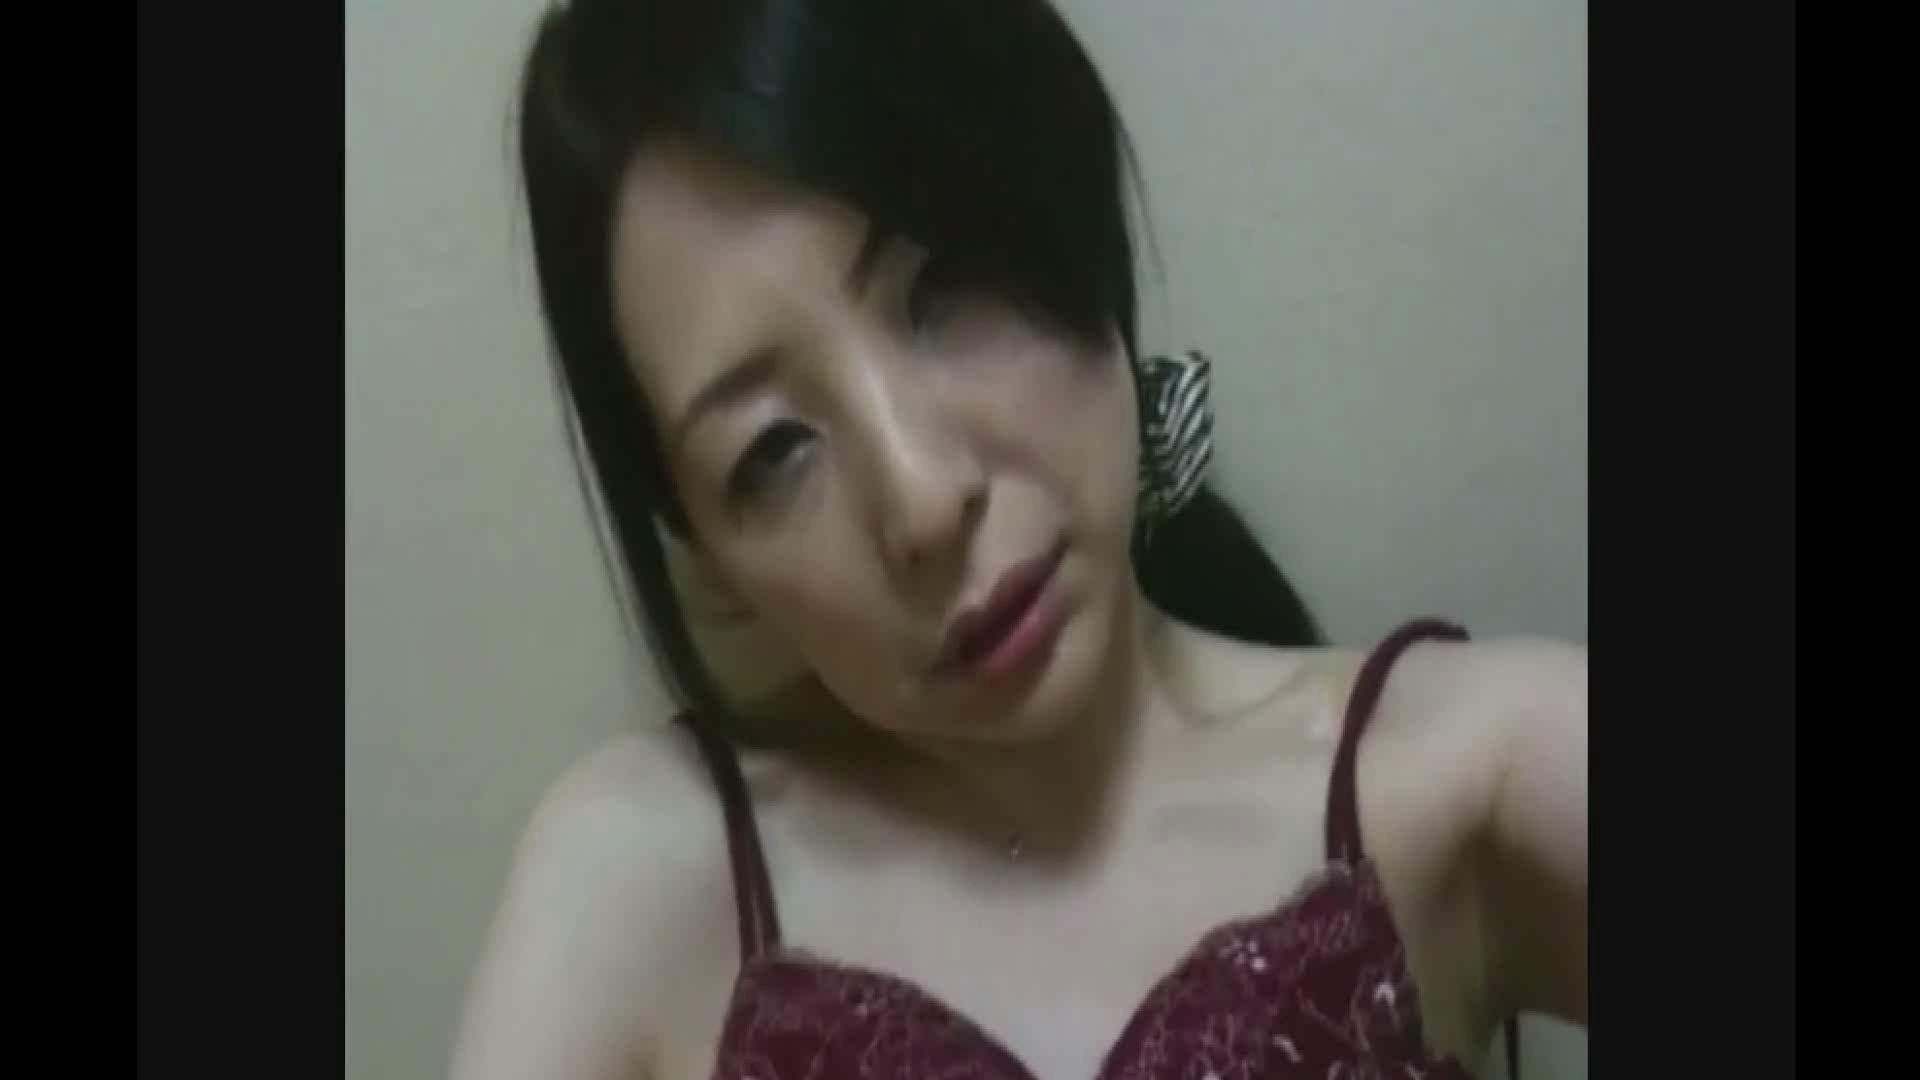 ビジョおな! Vol.01 性欲 盗撮アダルト動画キャプチャ 107画像 89